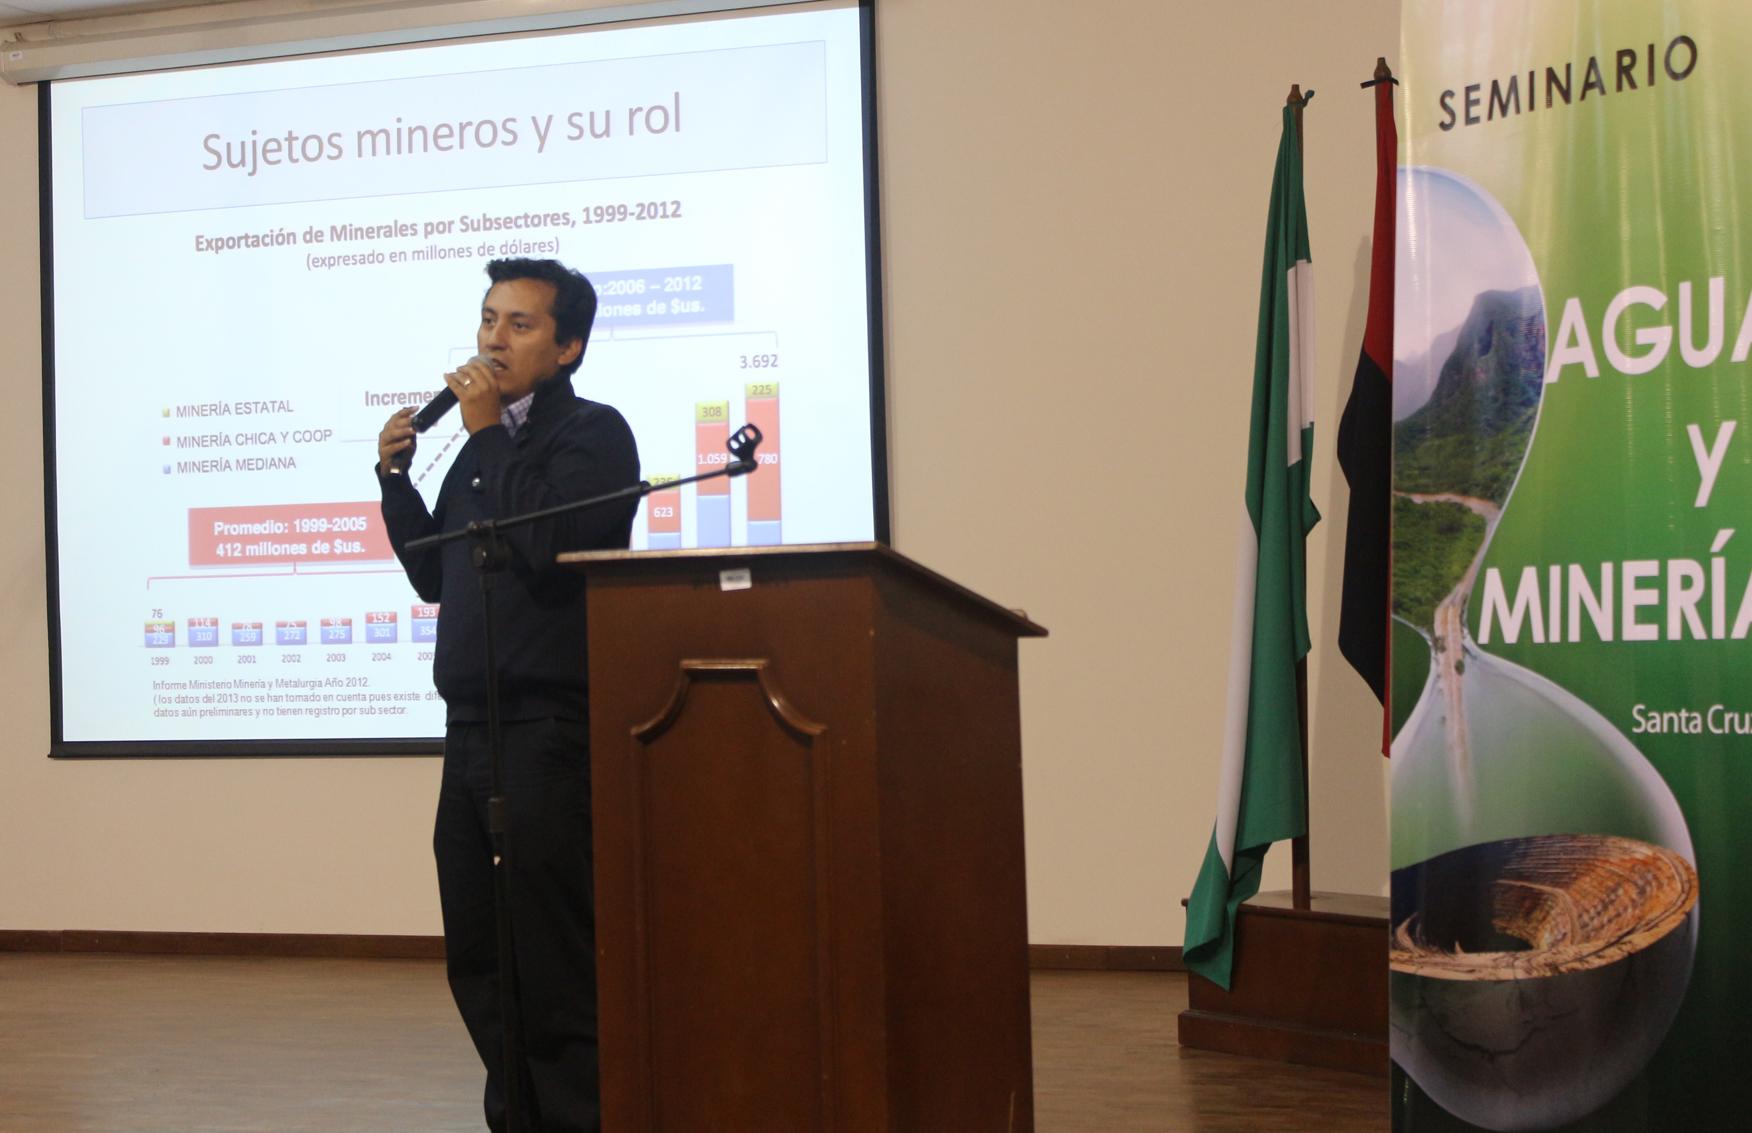 Imagenes de: Noticias PROBIOMA